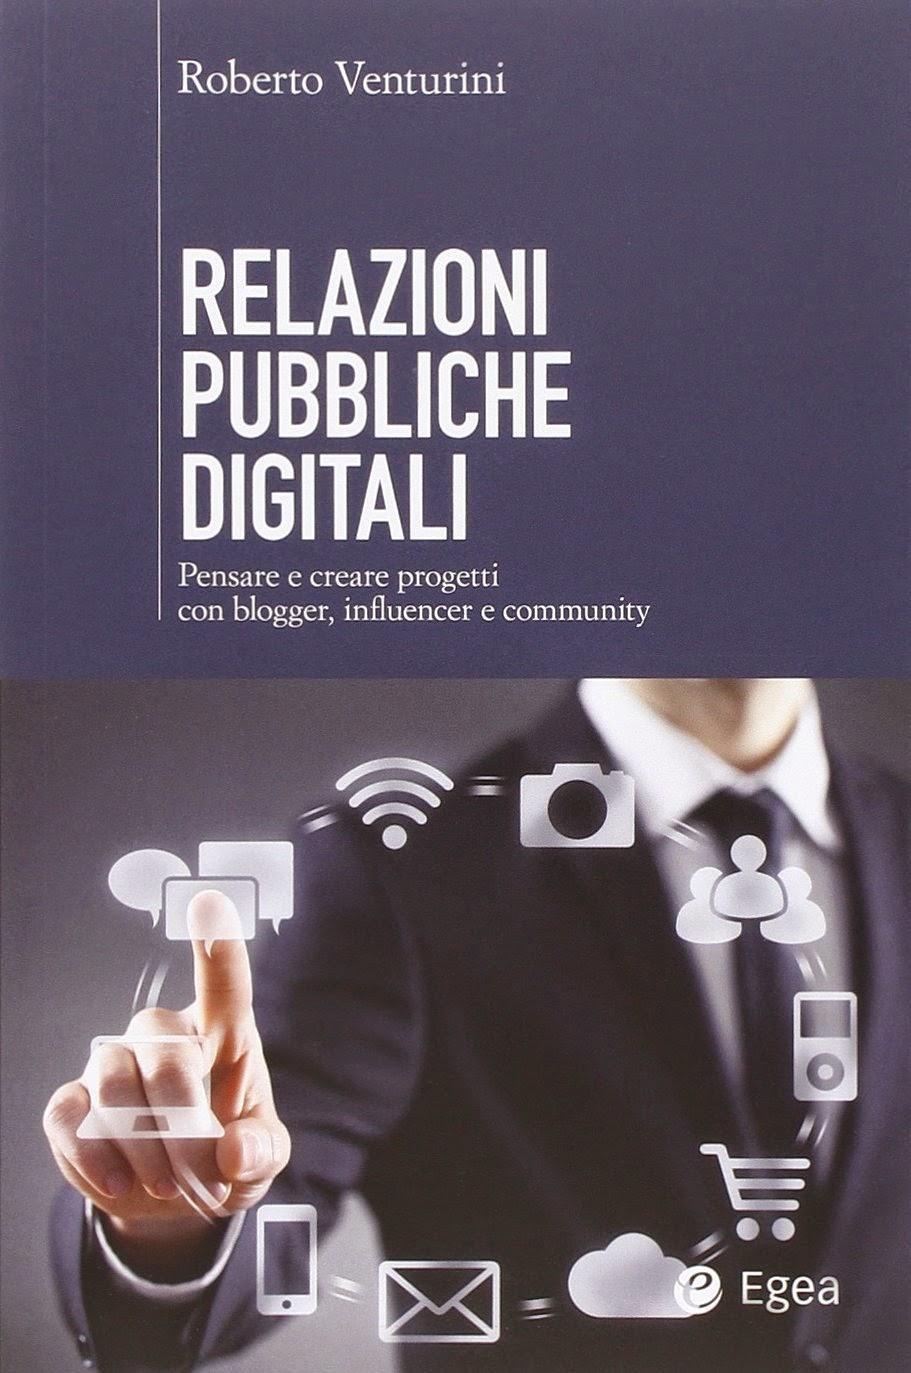 Relazioni Pubbliche Digitali, il libro di Roberto Venturini che spiega presente e futuro delle PR Online [RECENSIONE]